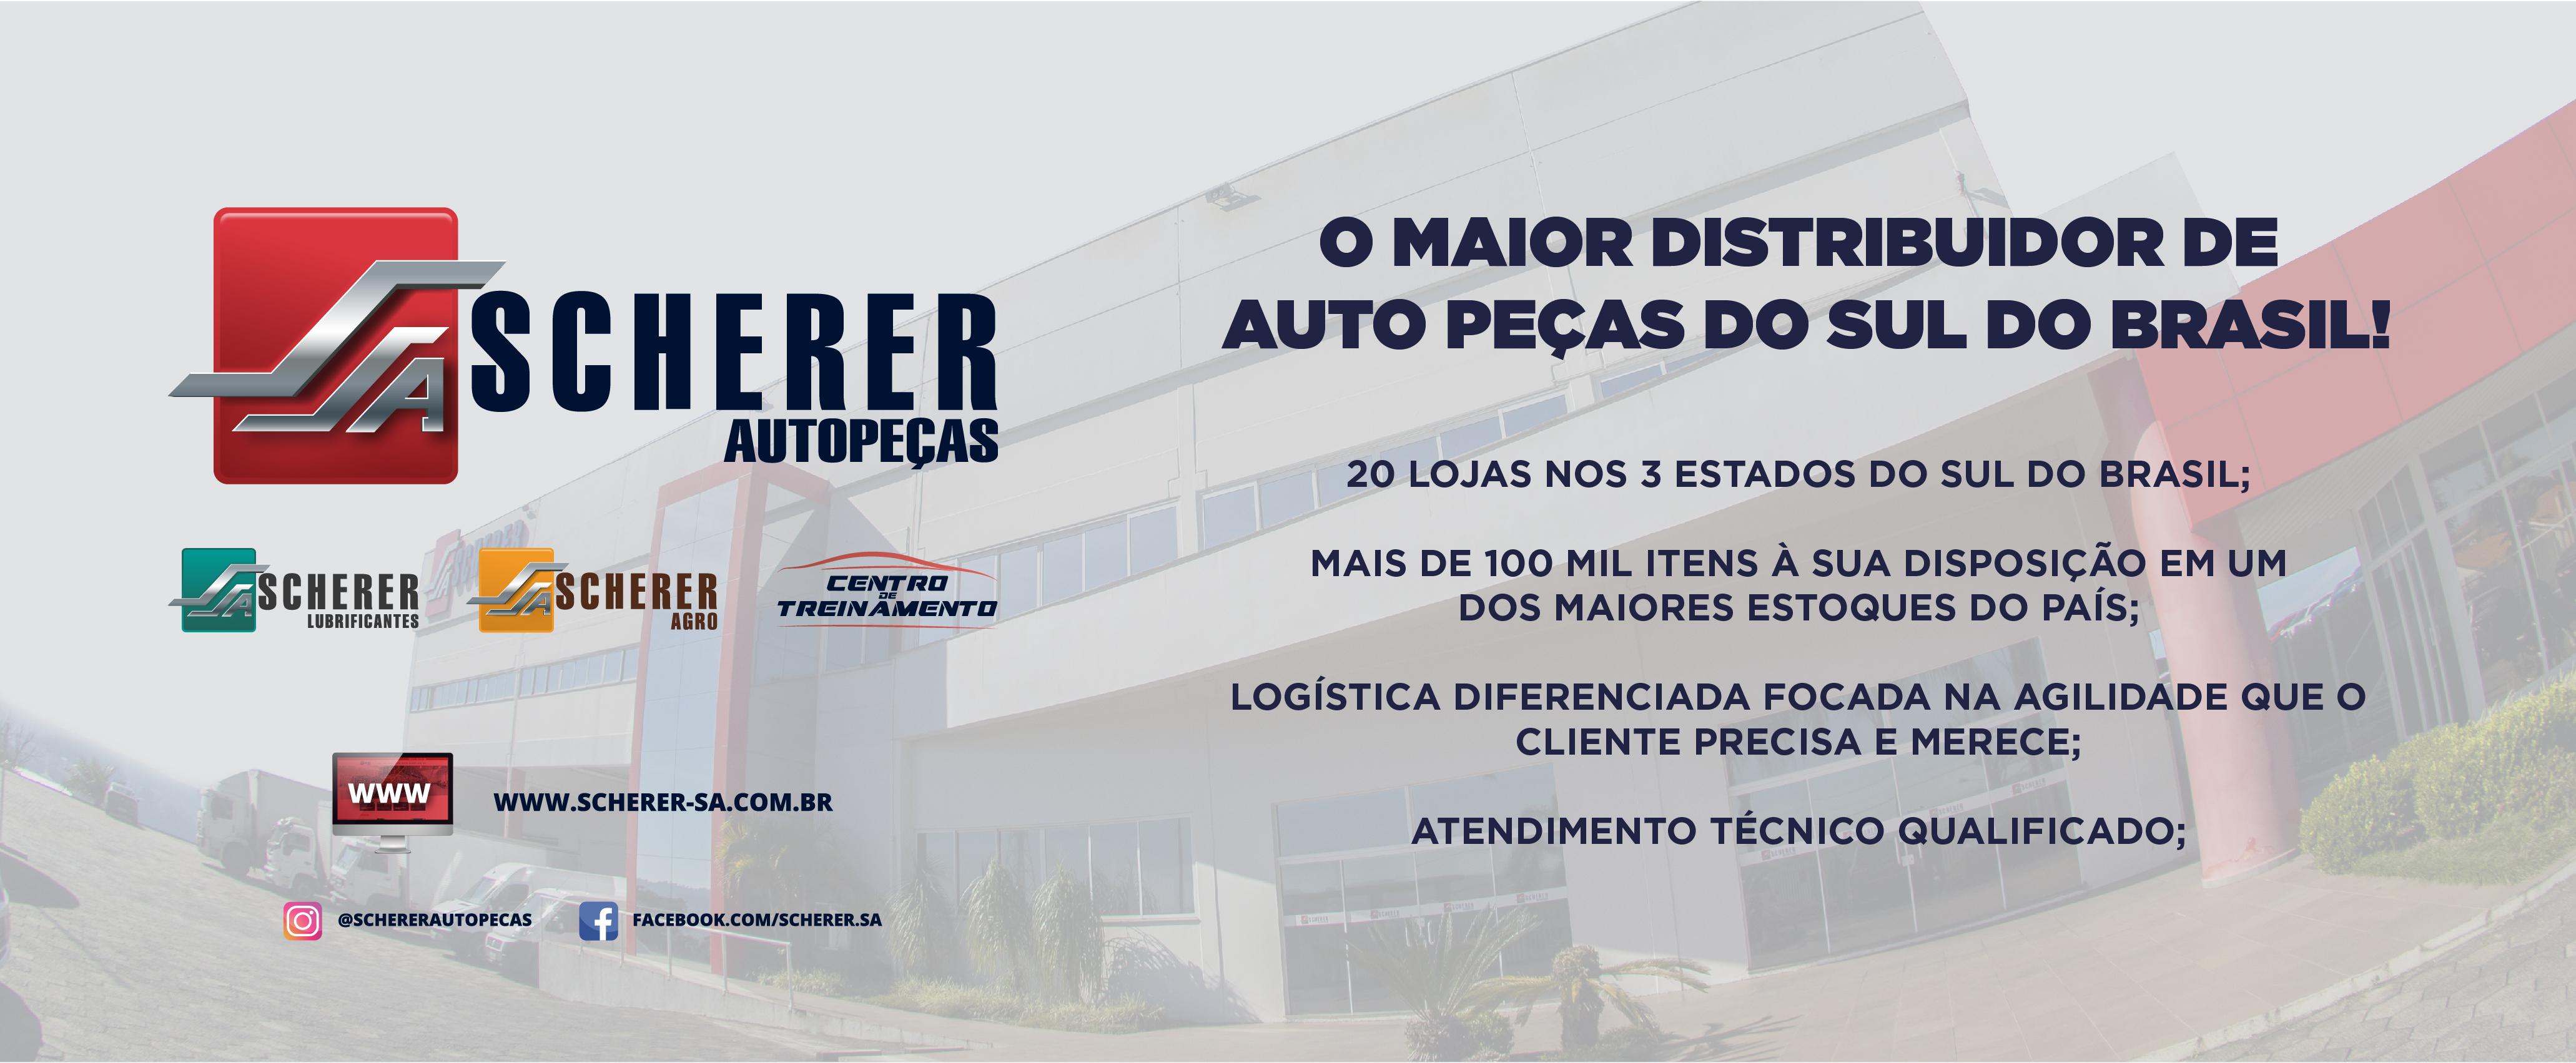 http://www.scherer-sa.com.br/